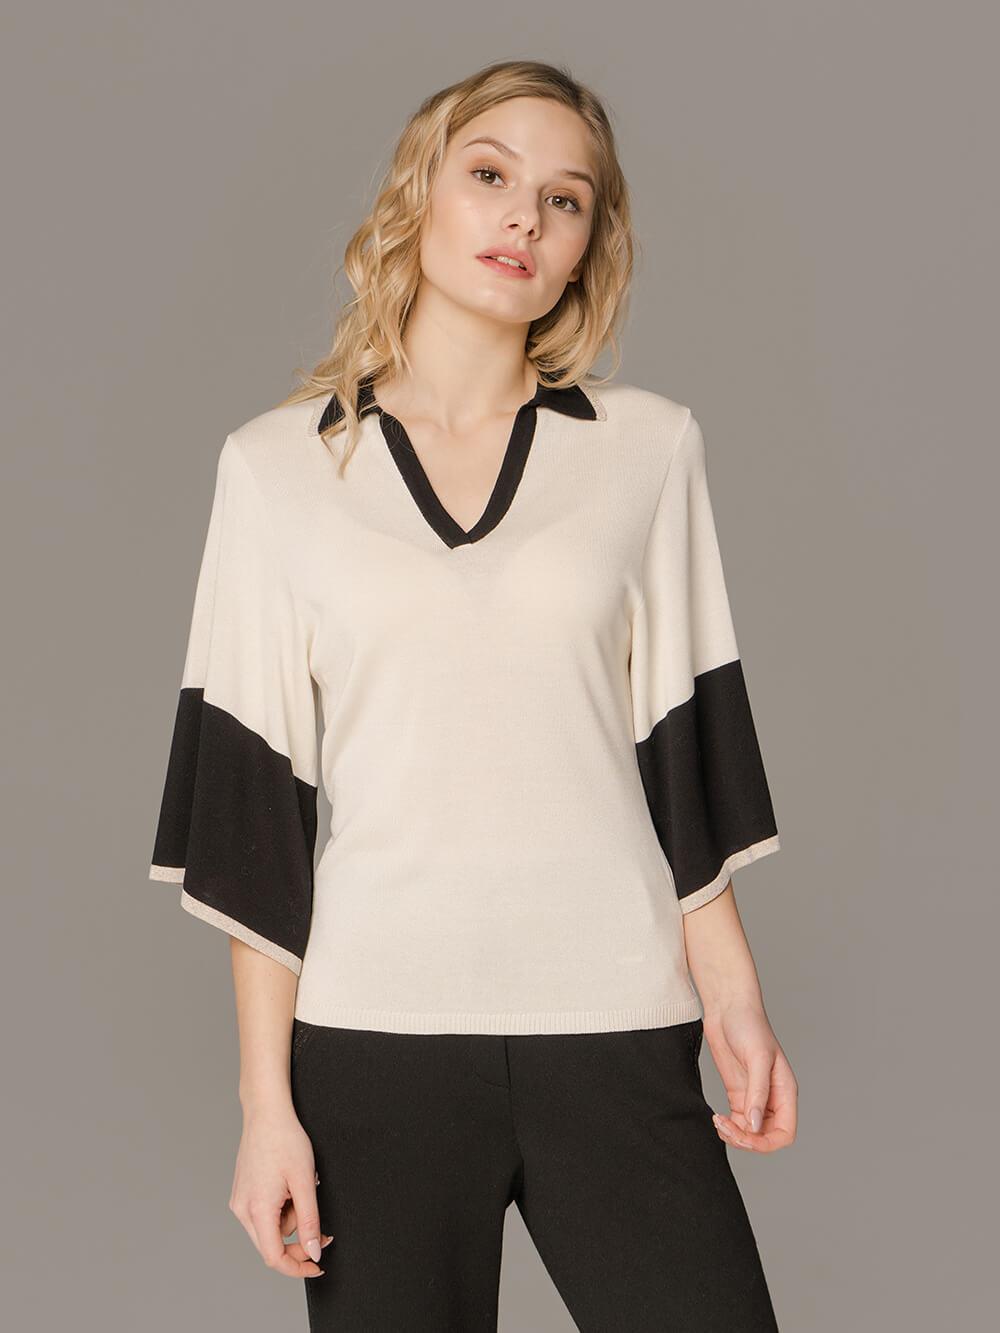 Женский белый джемпер со свободными рукавами и контрастными вставками - фото 1